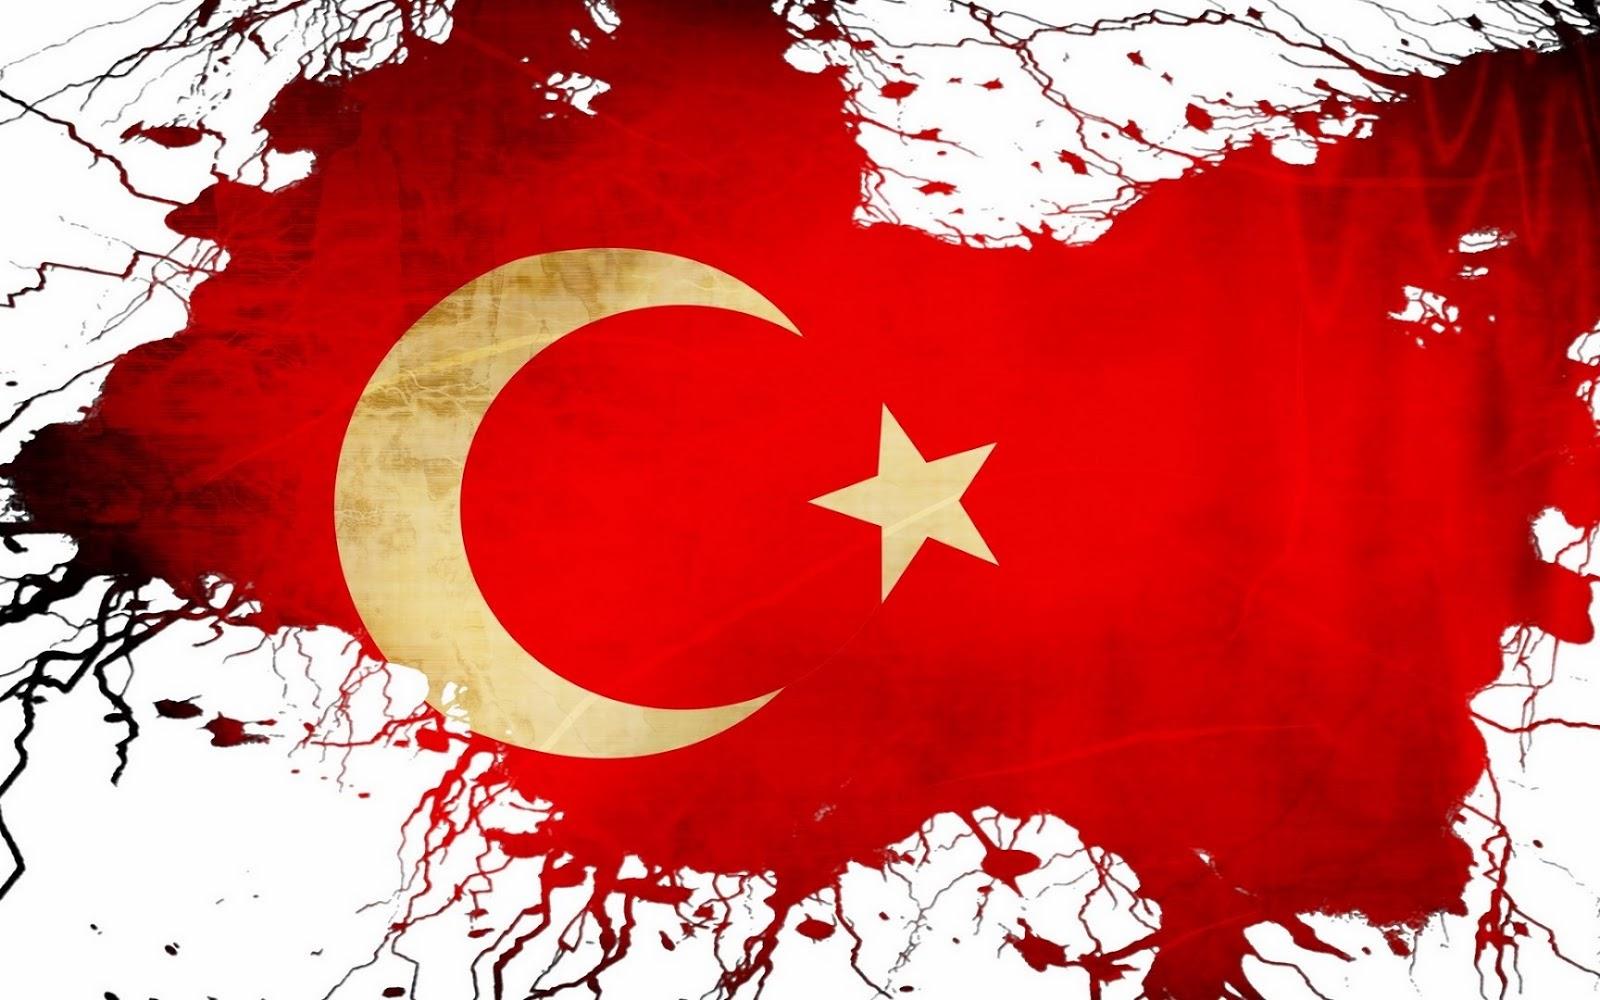 Türk Bayrakları Arka Plan Resimleri Türk Bayrakları